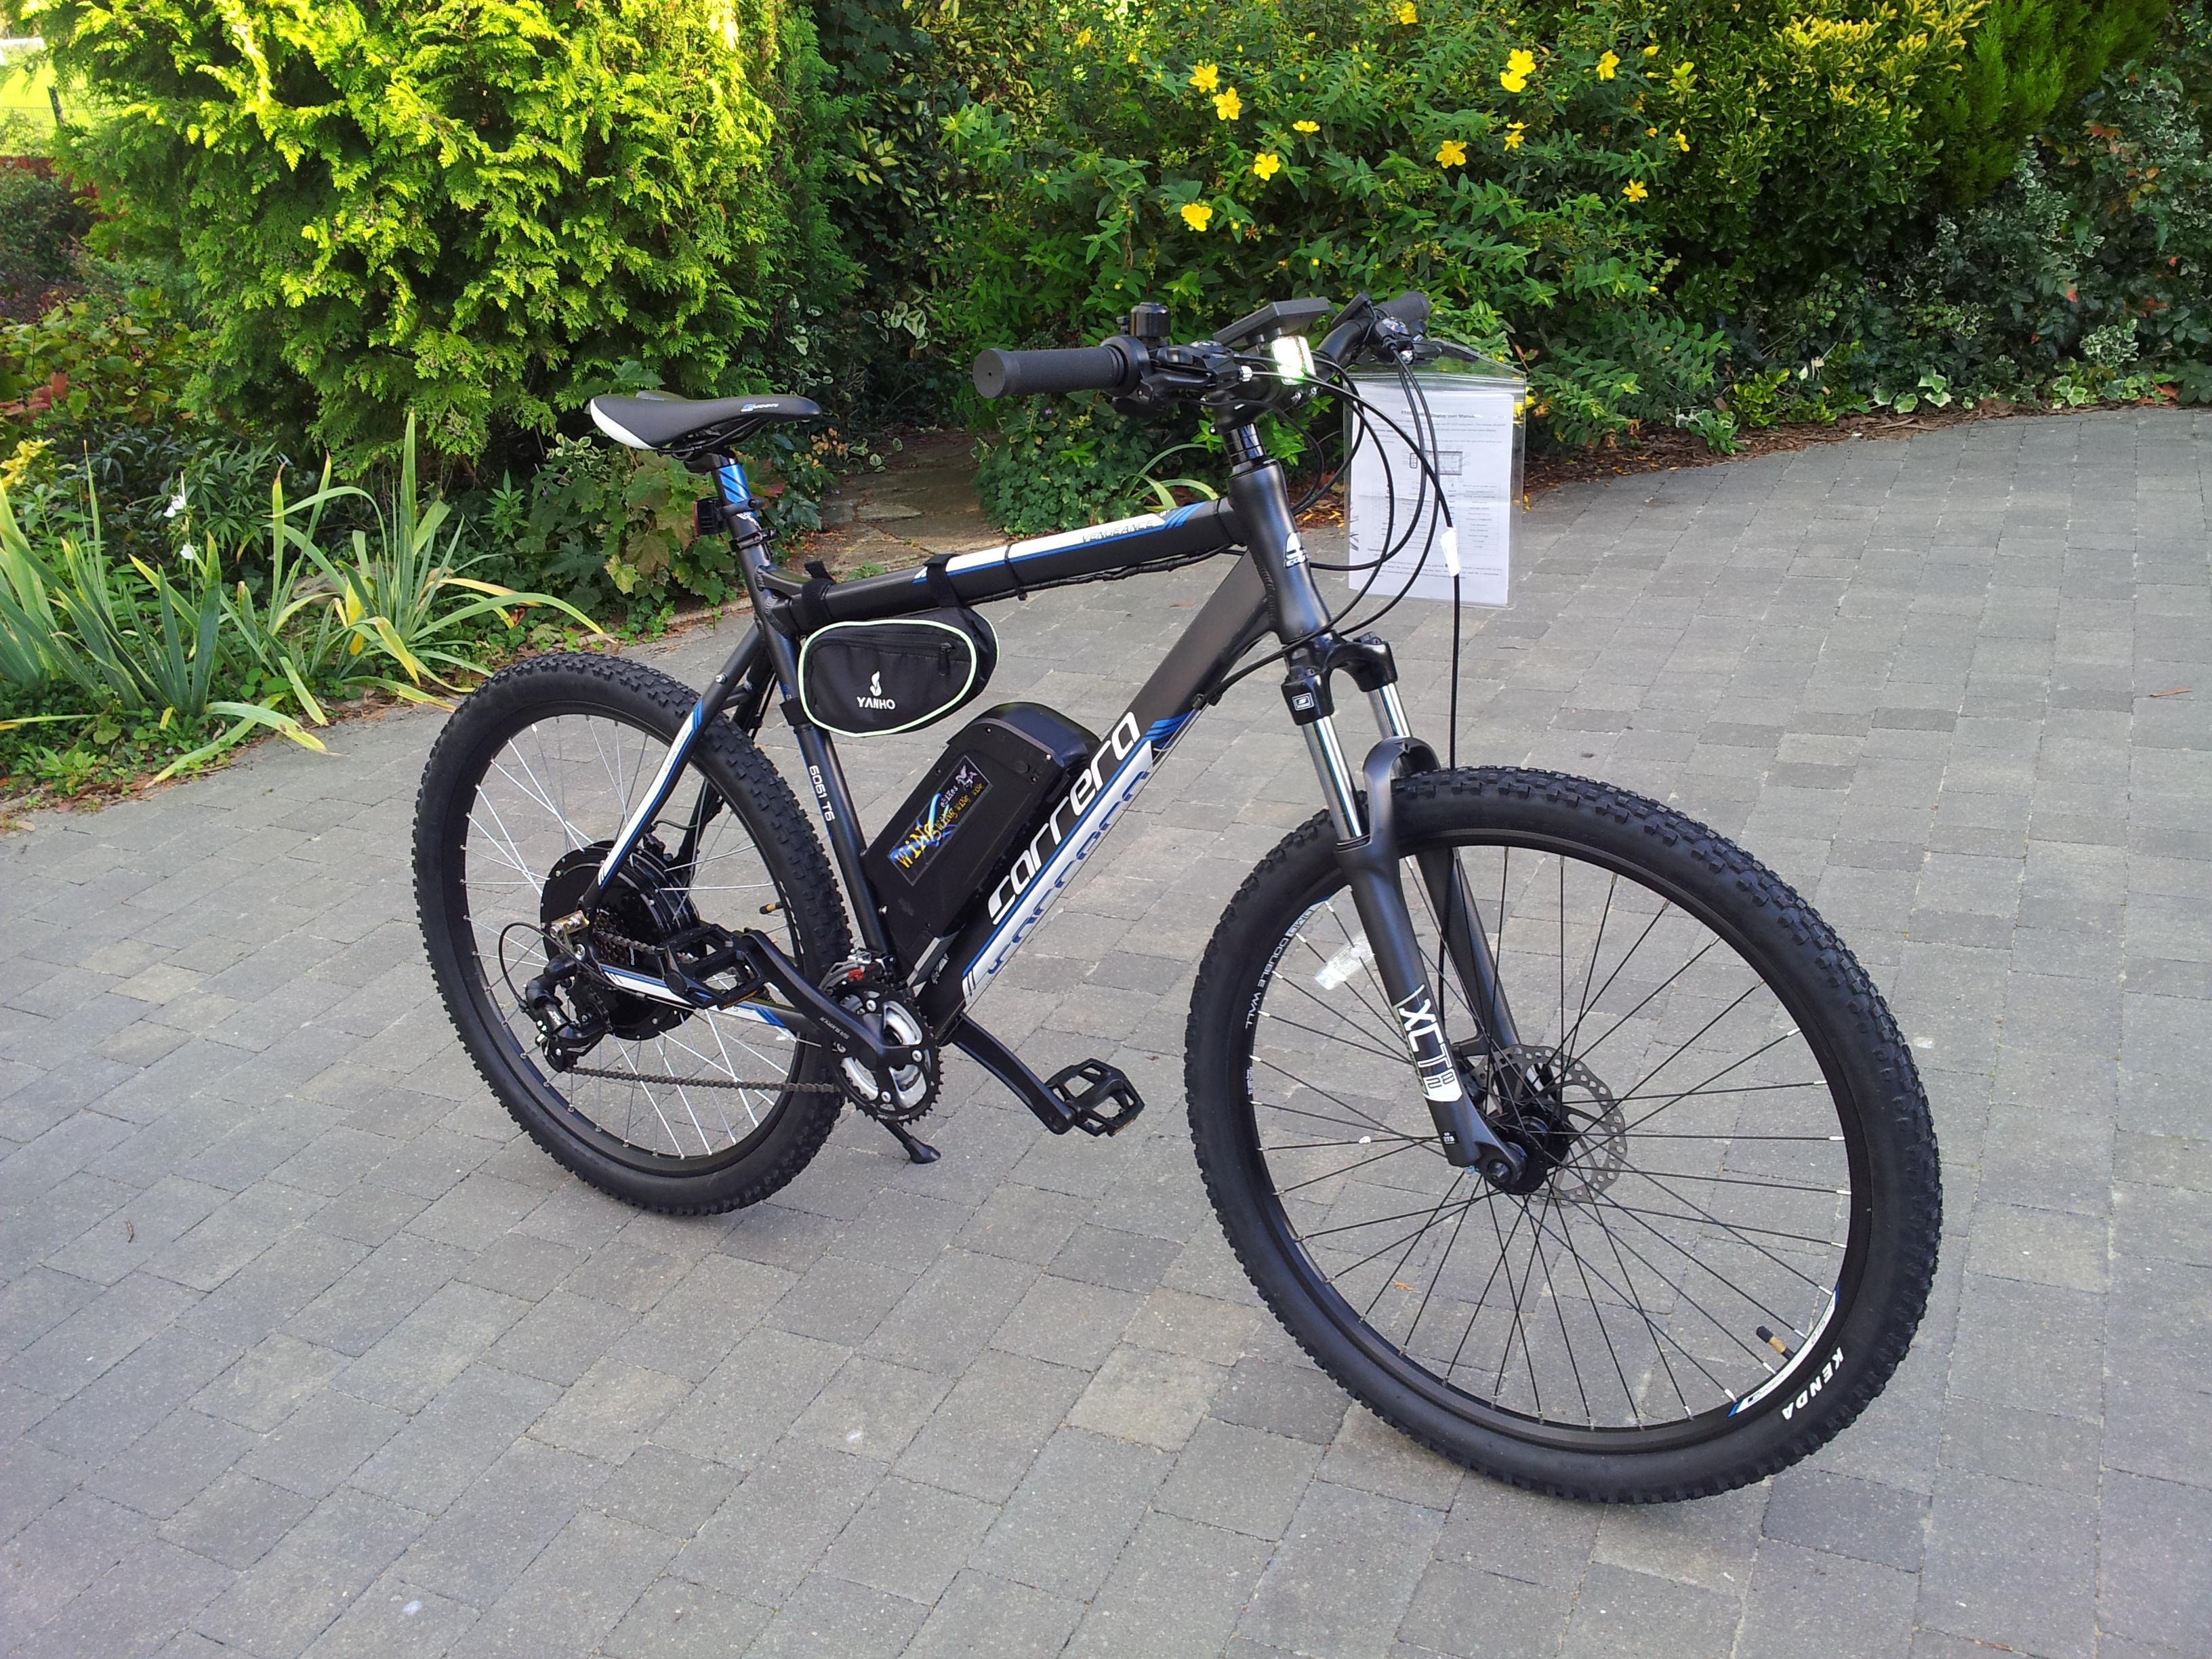 Electric Bike Carrera Vulcan Ebike 2015 1000w Very Fast 48v